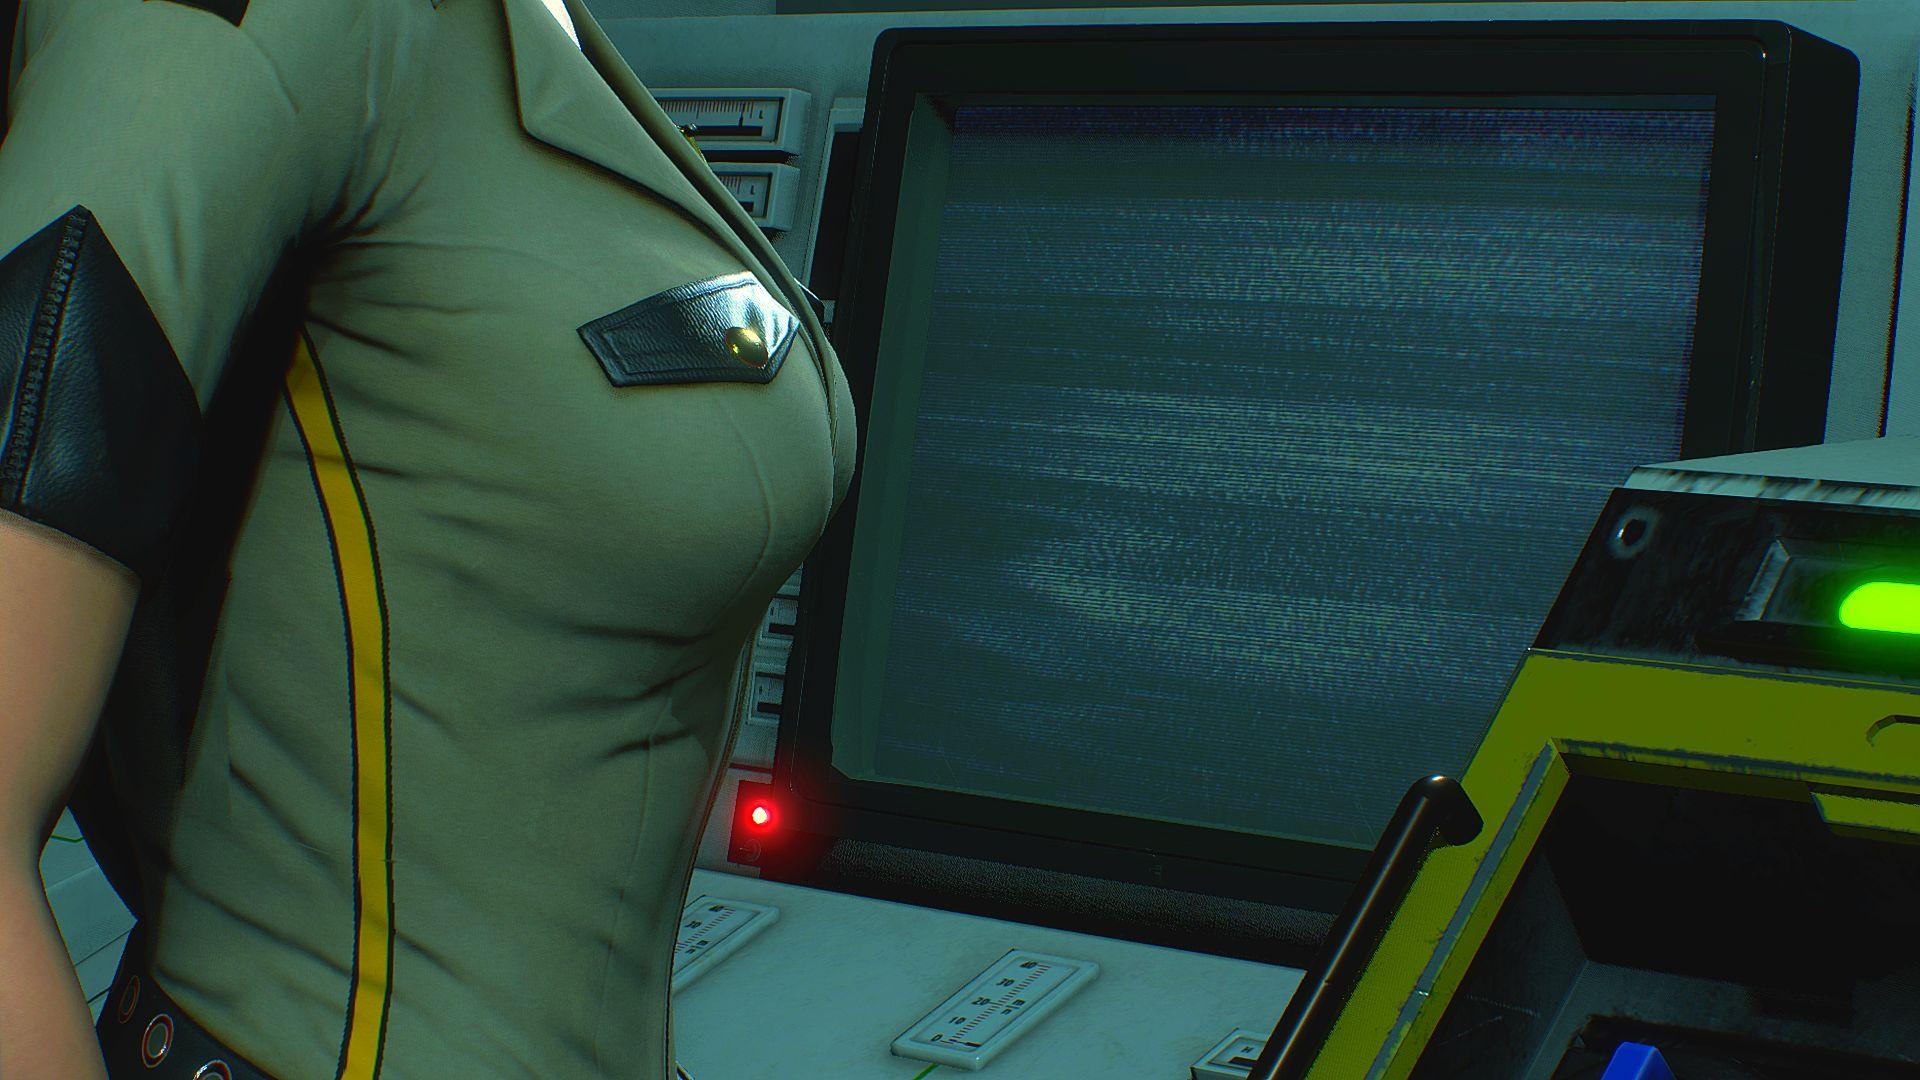 001241.Jpg - Resident Evil 2